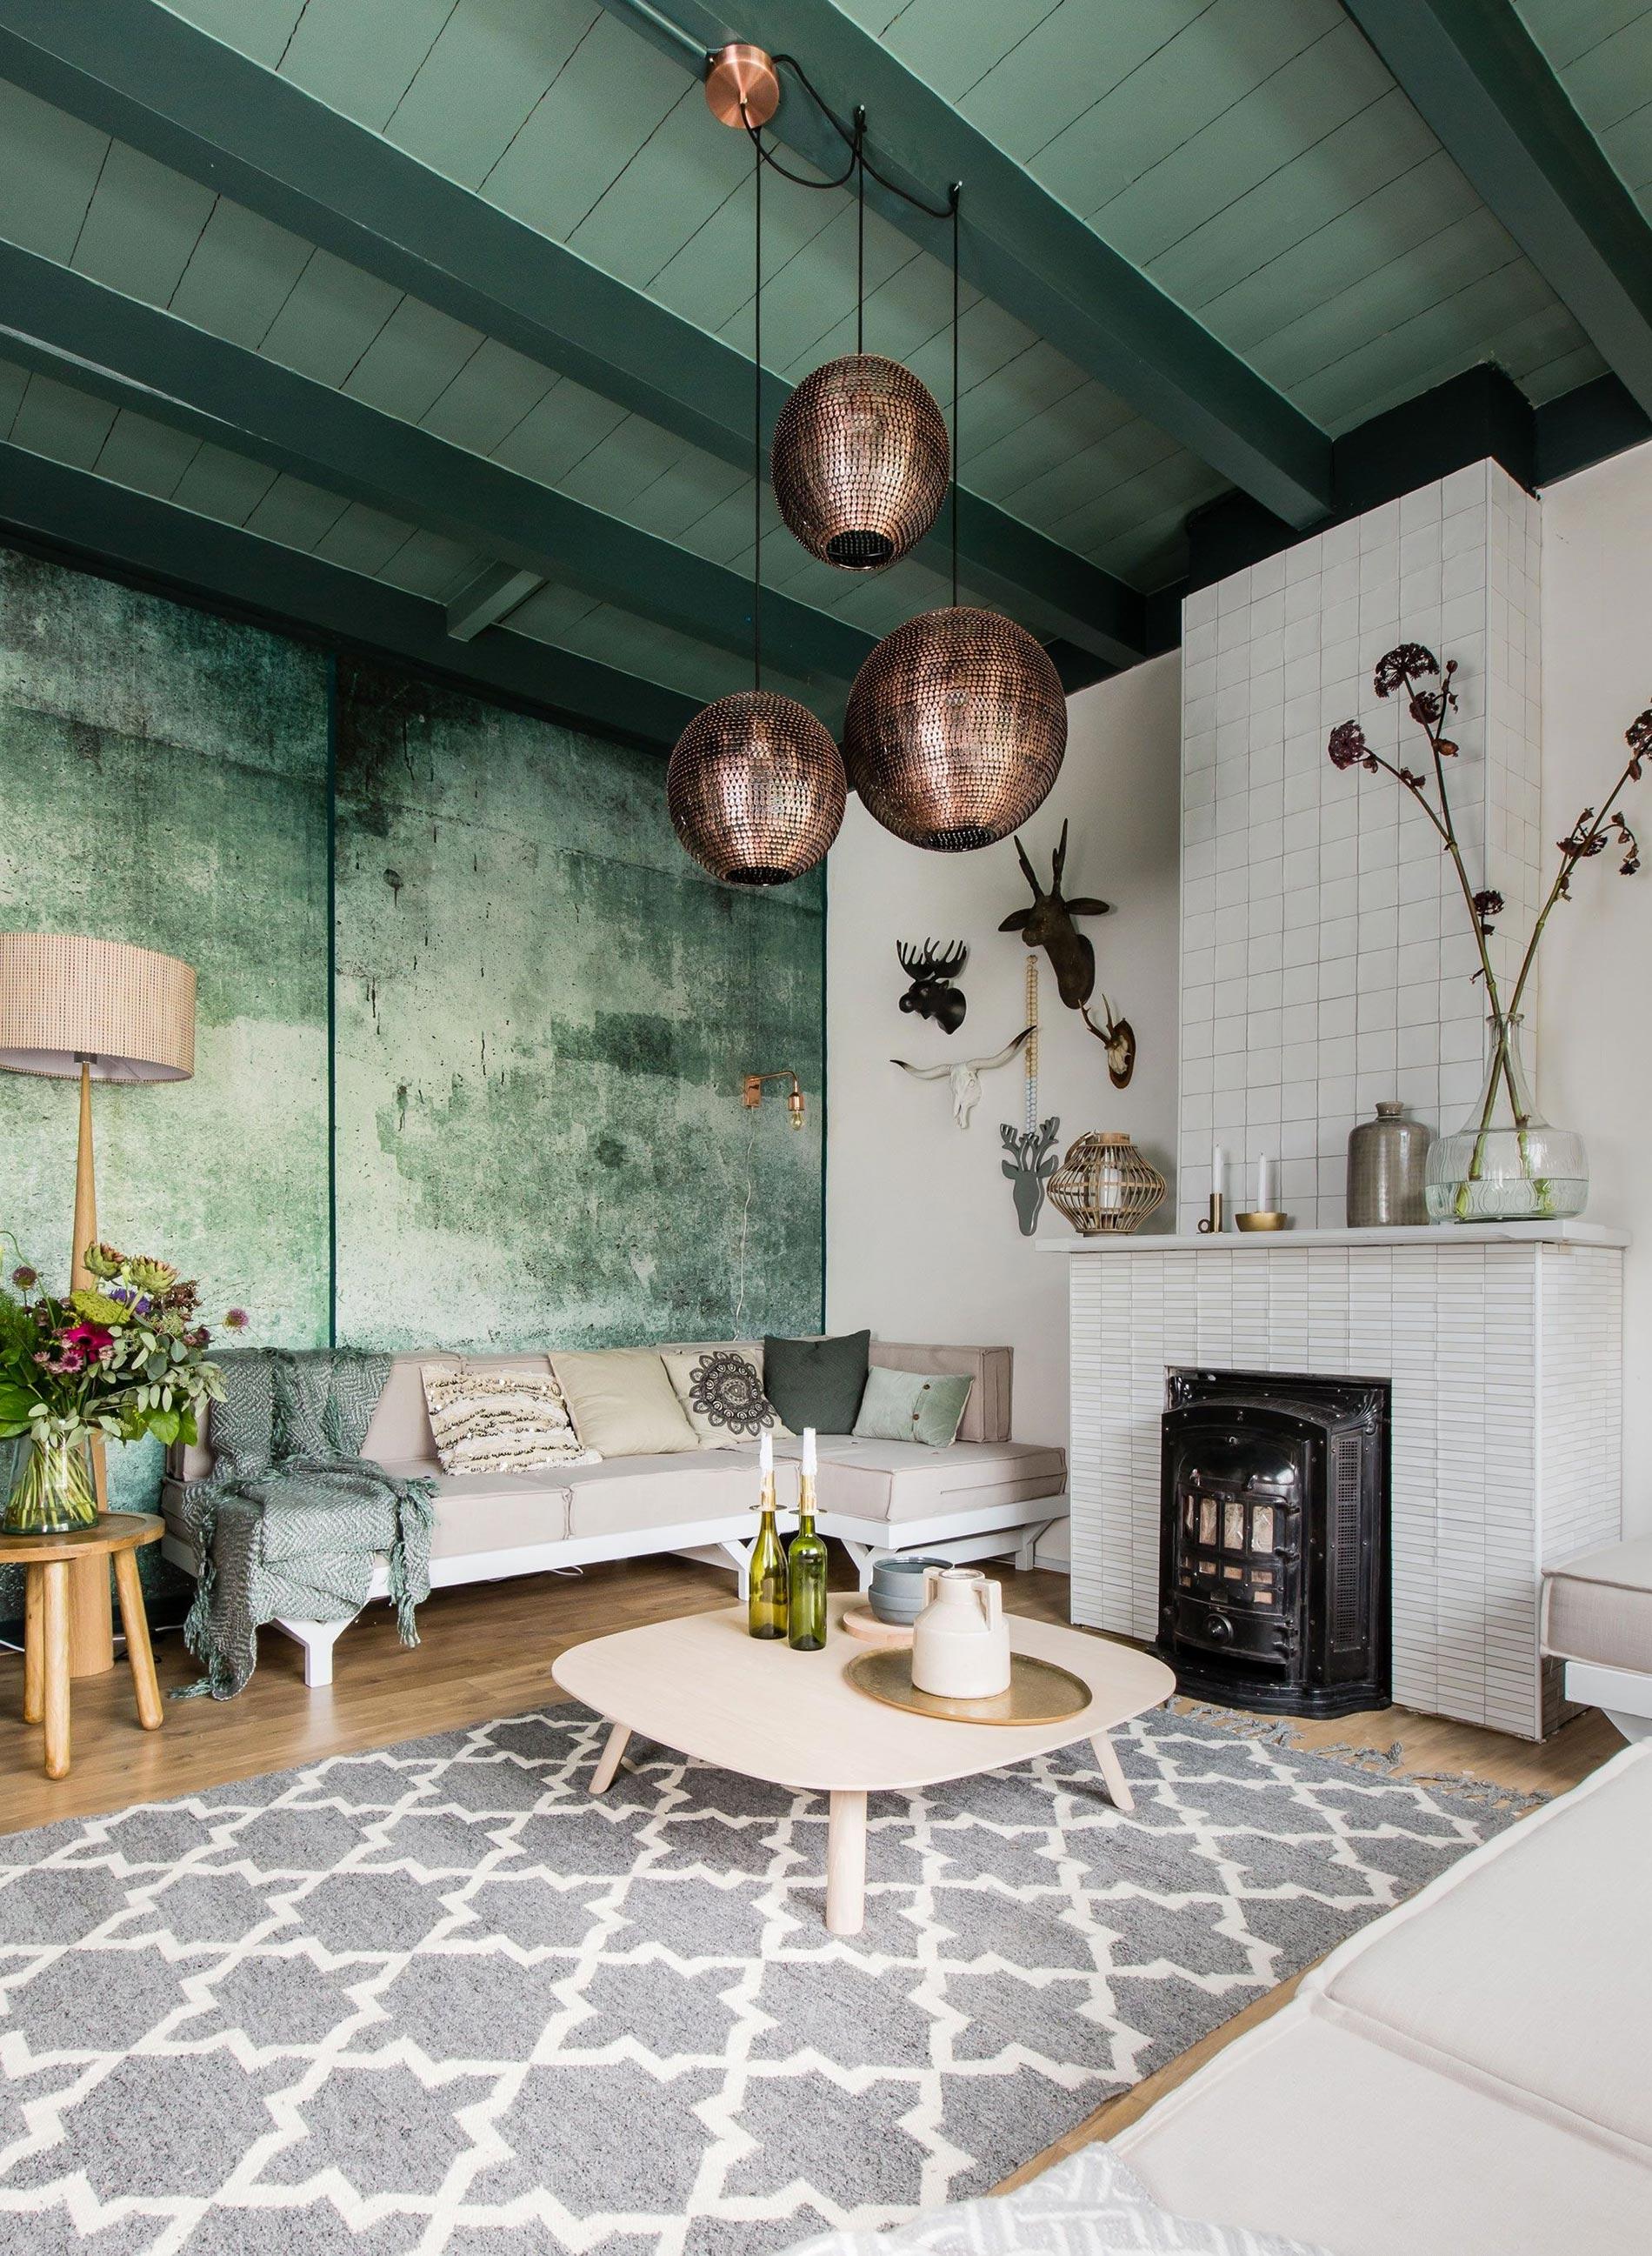 soffitto colorato ispirazioni soffitto verde scuro